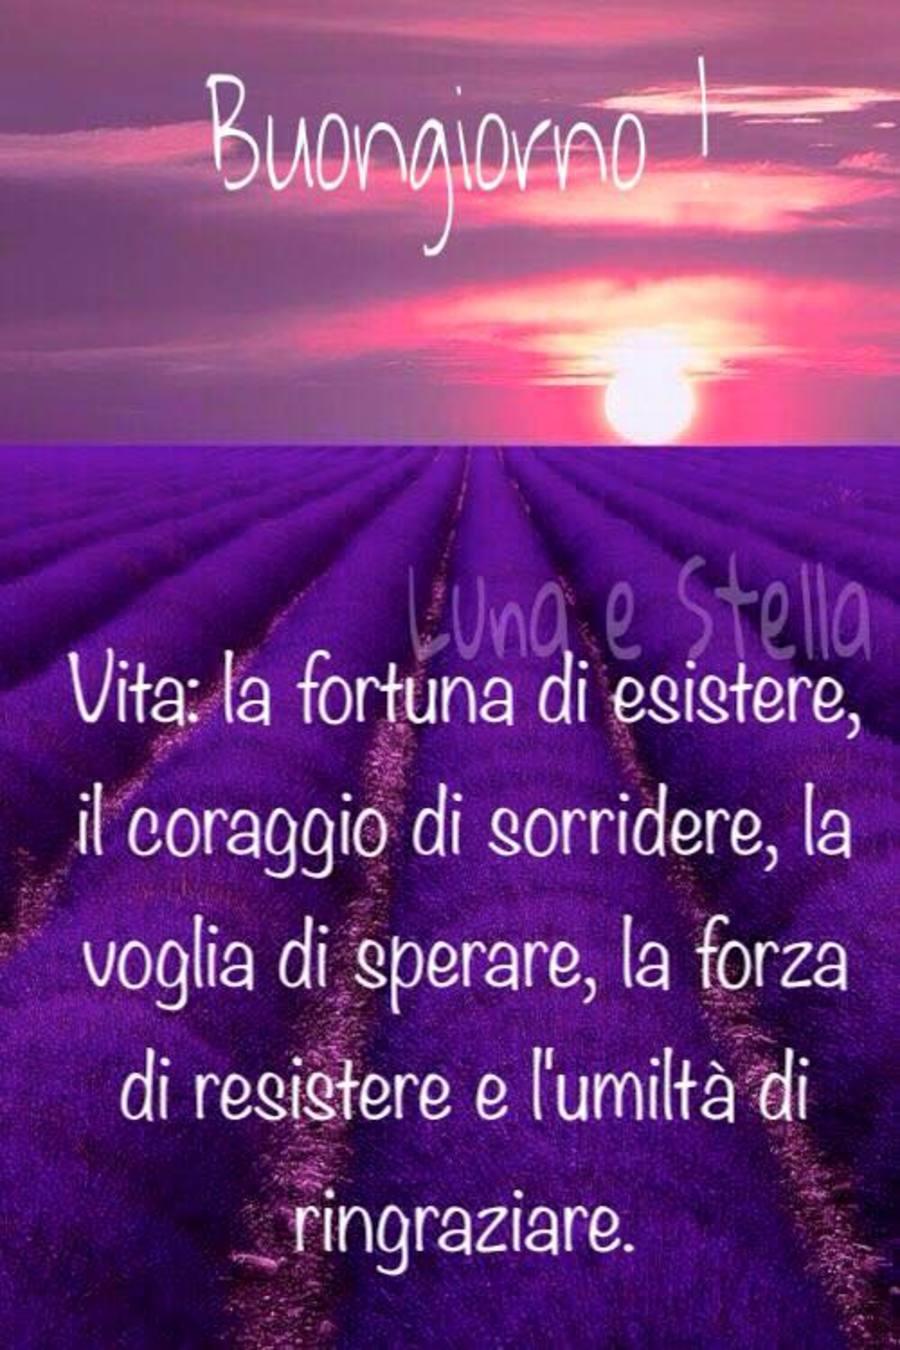 Immagini buongiorno gratis per whatsapp 6820 for Immagini gratis per whatsapp